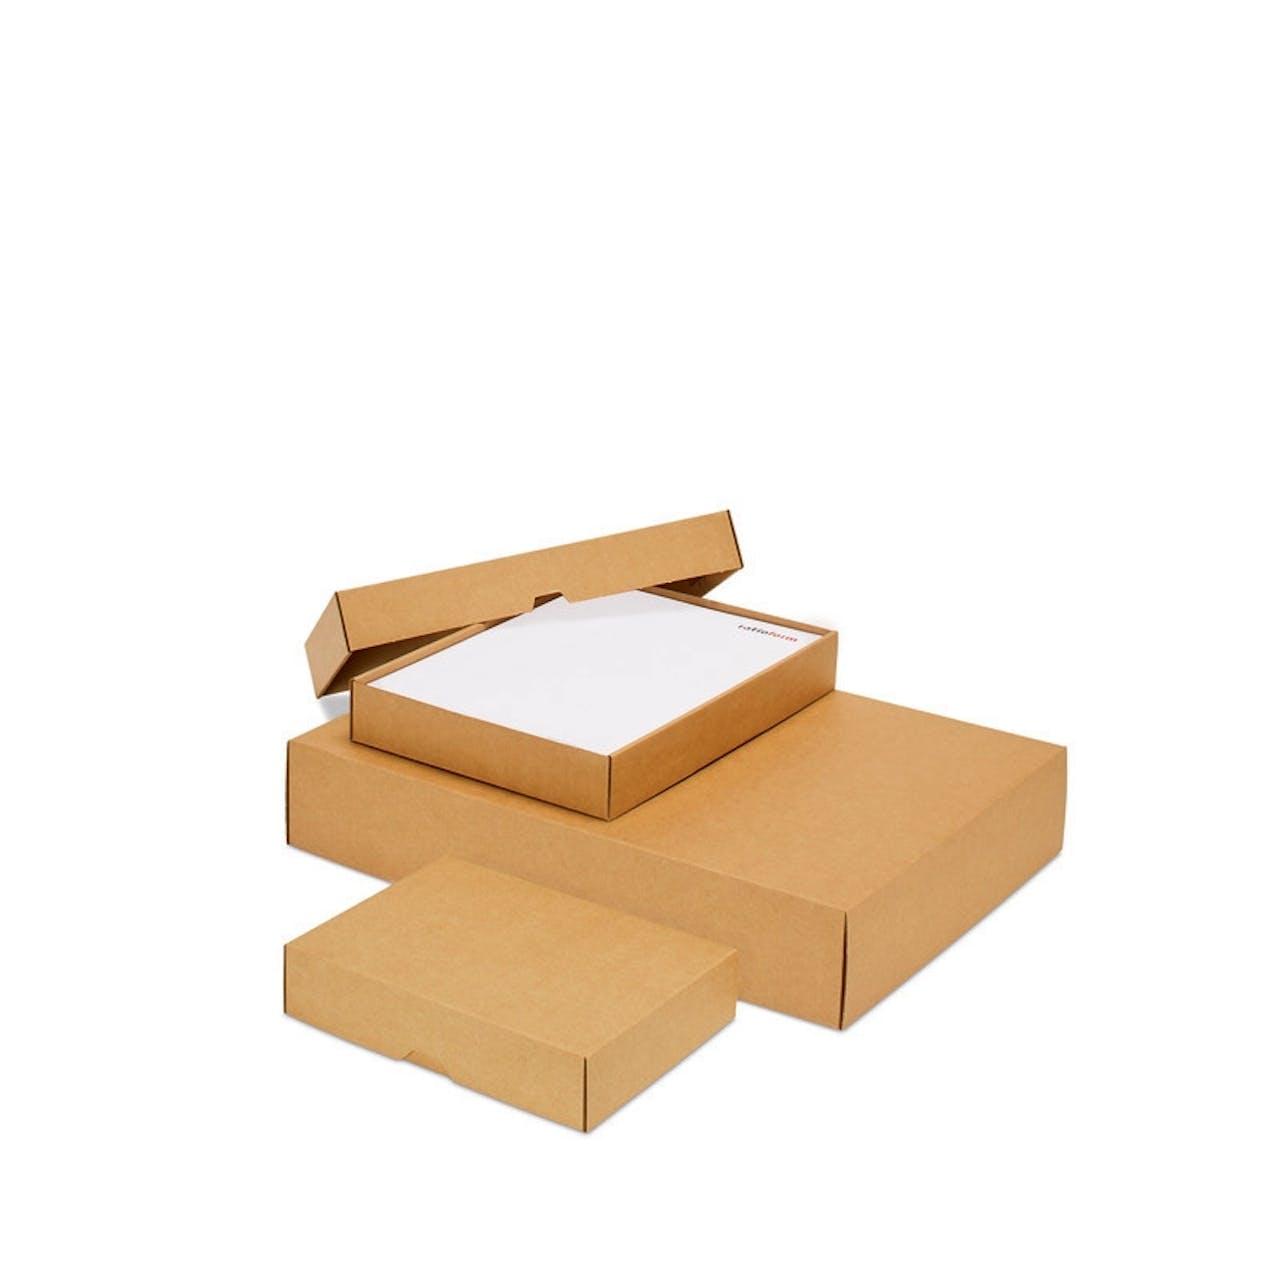 Caisse carton à couvercle coiffant marron, Var: 182-10